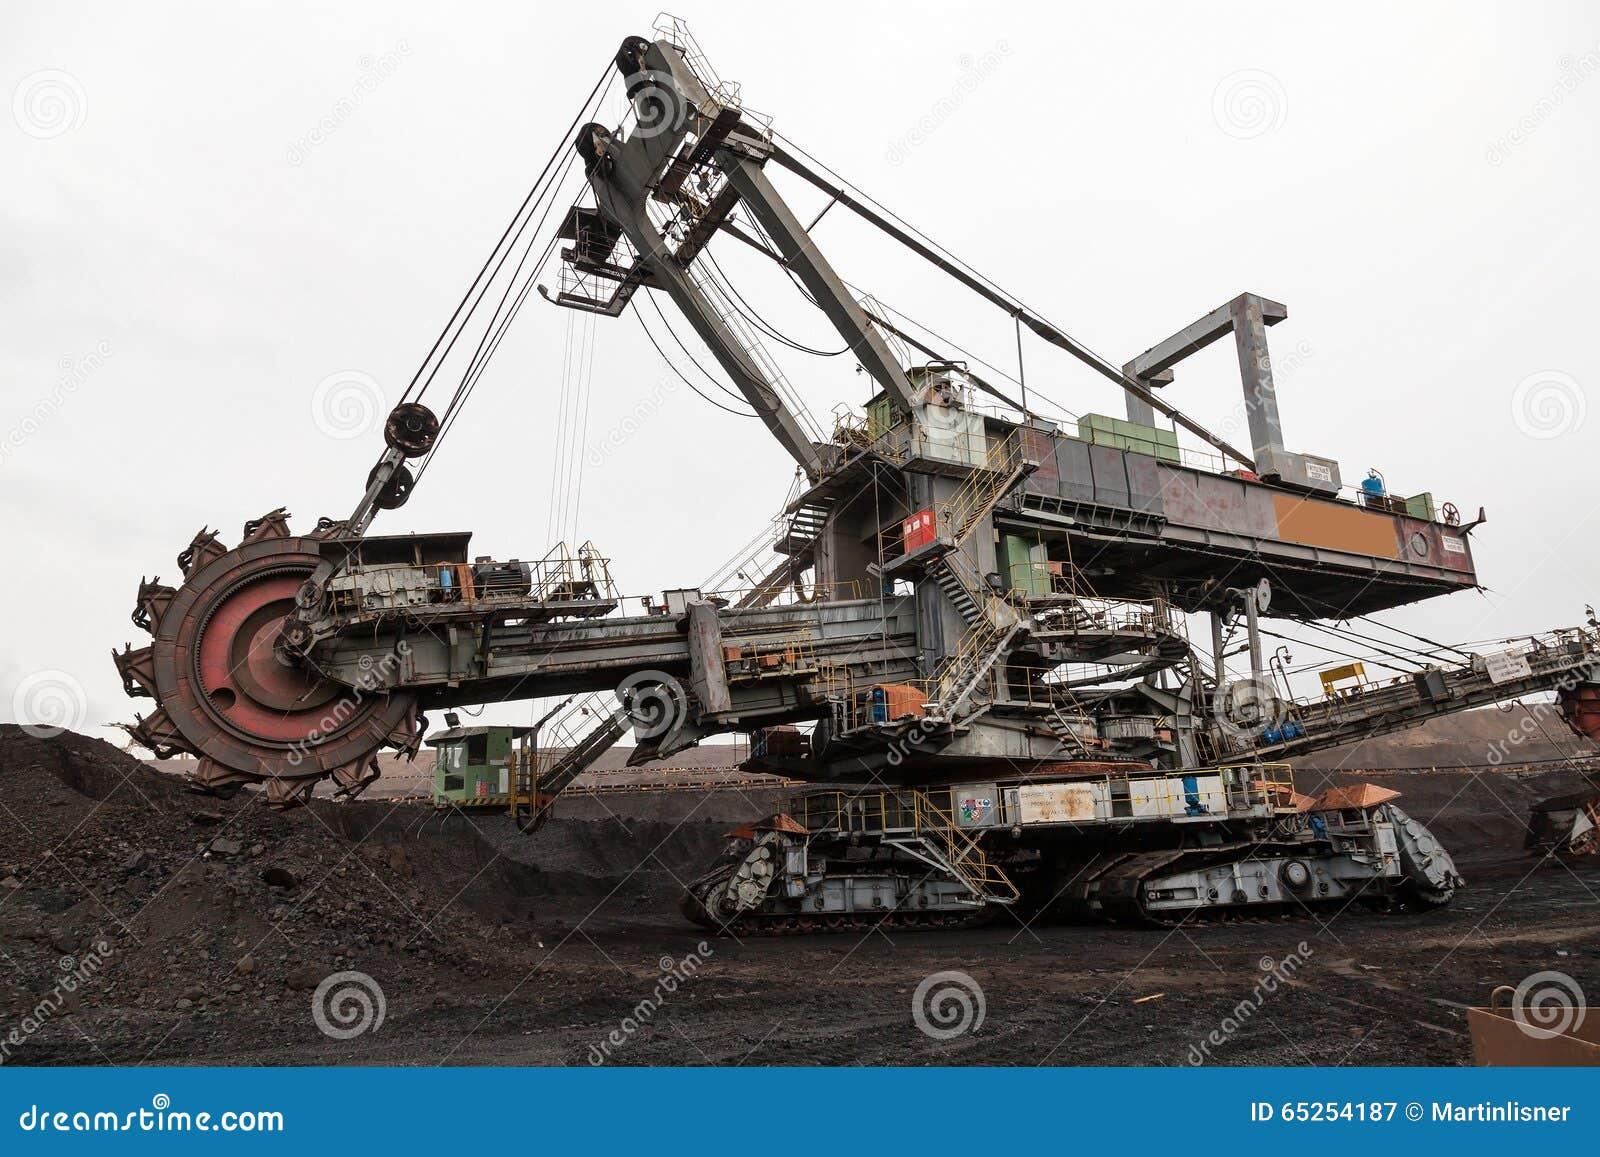 giant excavator - photo #15